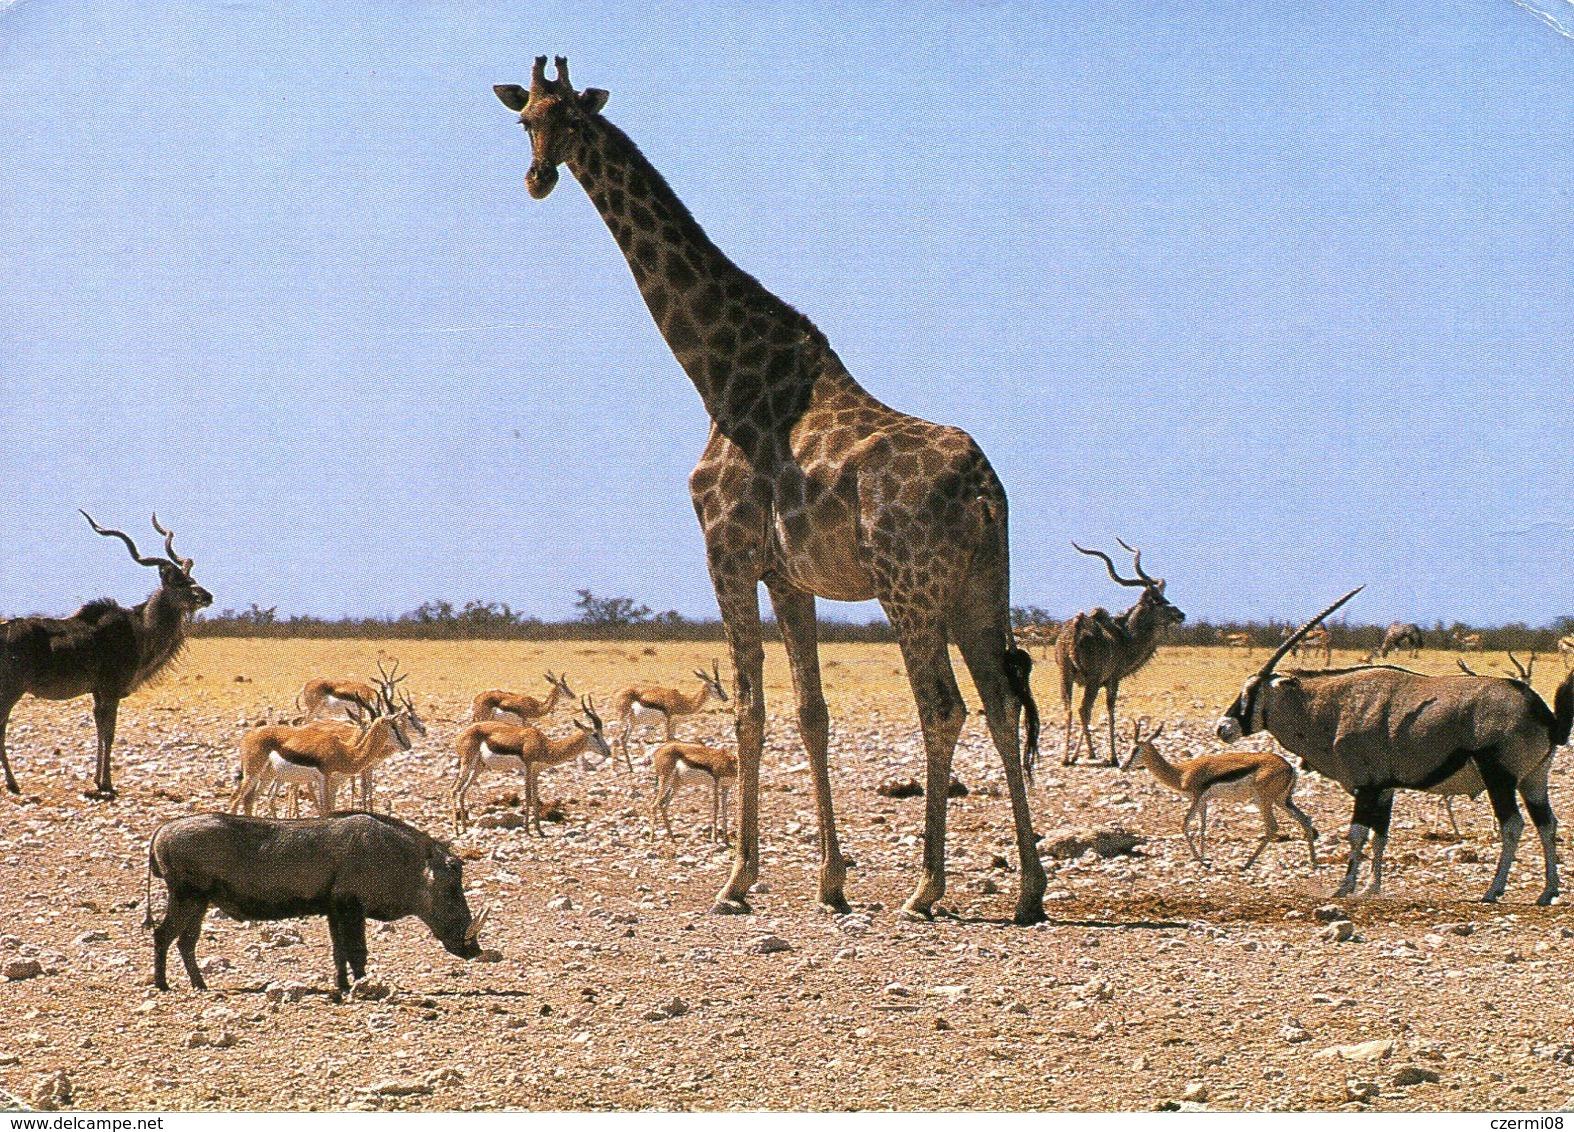 Namibia - Etosha National Park - Namibie